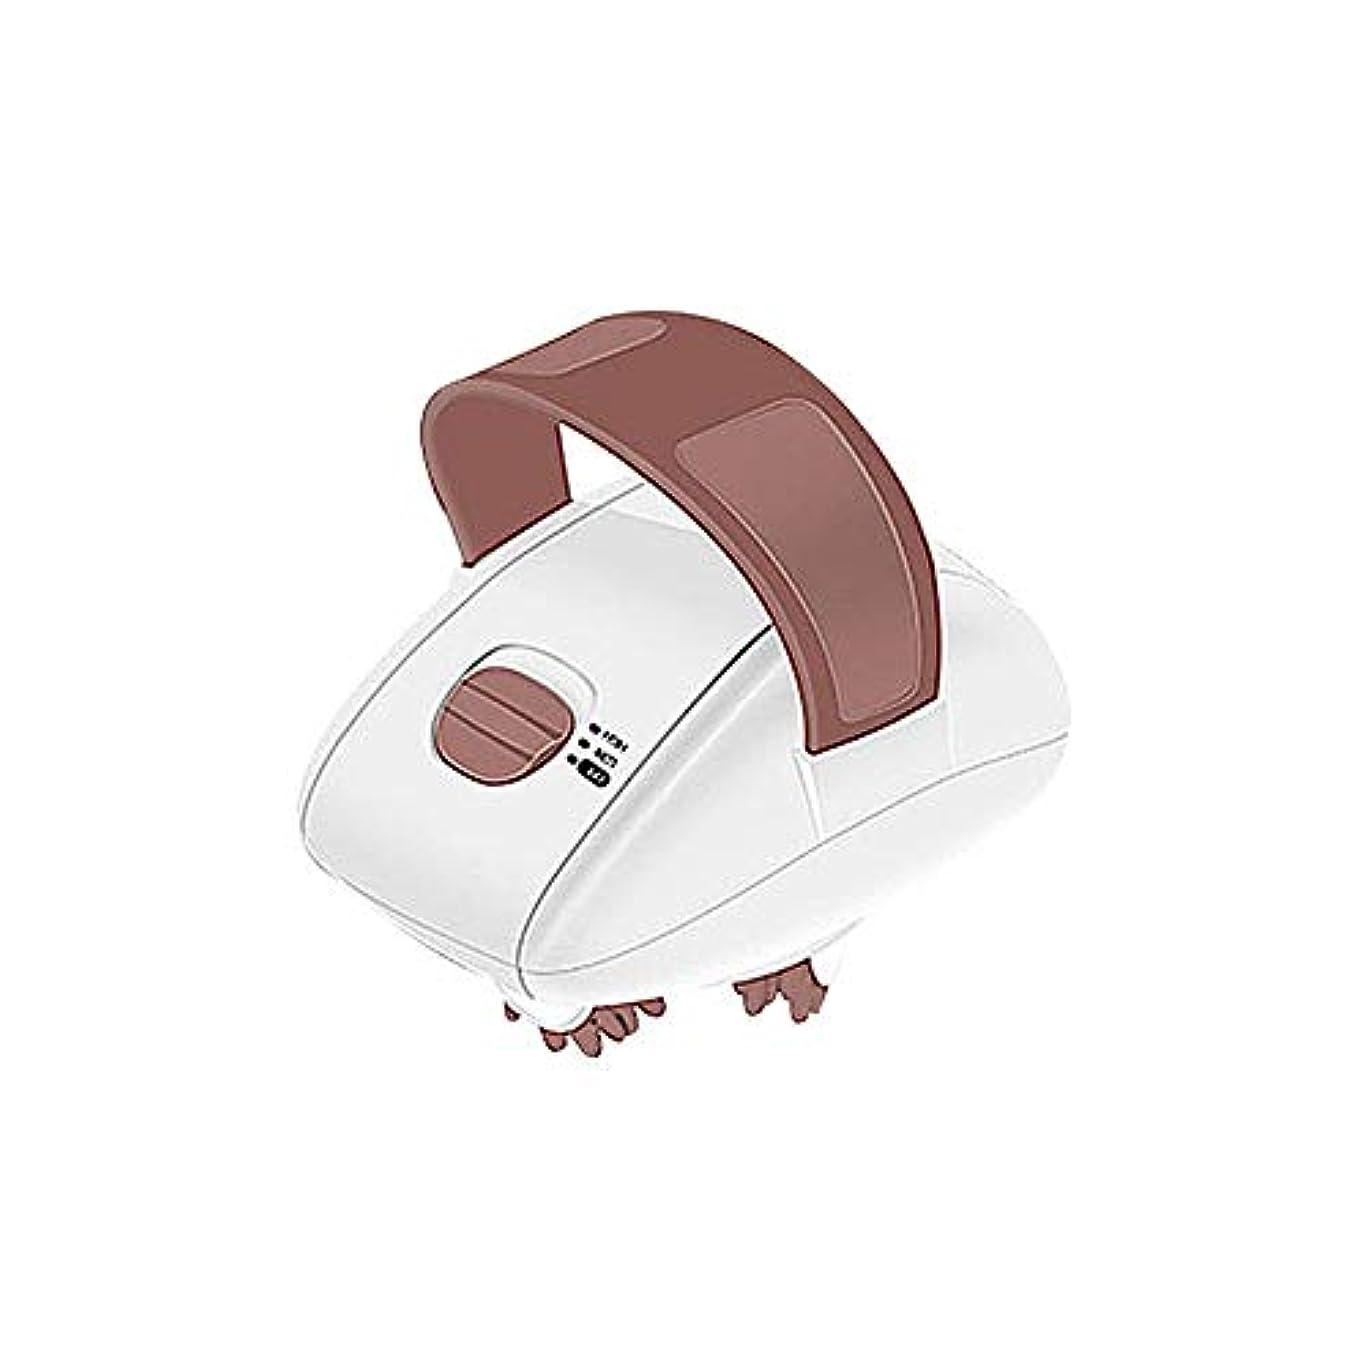 請求緩やかな手荷物3D ミニボディスリム 電動ギアミニマッサージャー 多機能 ボディ ハード マッサージローラー 美脚 腕痩せ 疲れ解消 全身にマッサージ ダイエット 電動ローラー ミニ脂肪マッサージ師 2色選べる